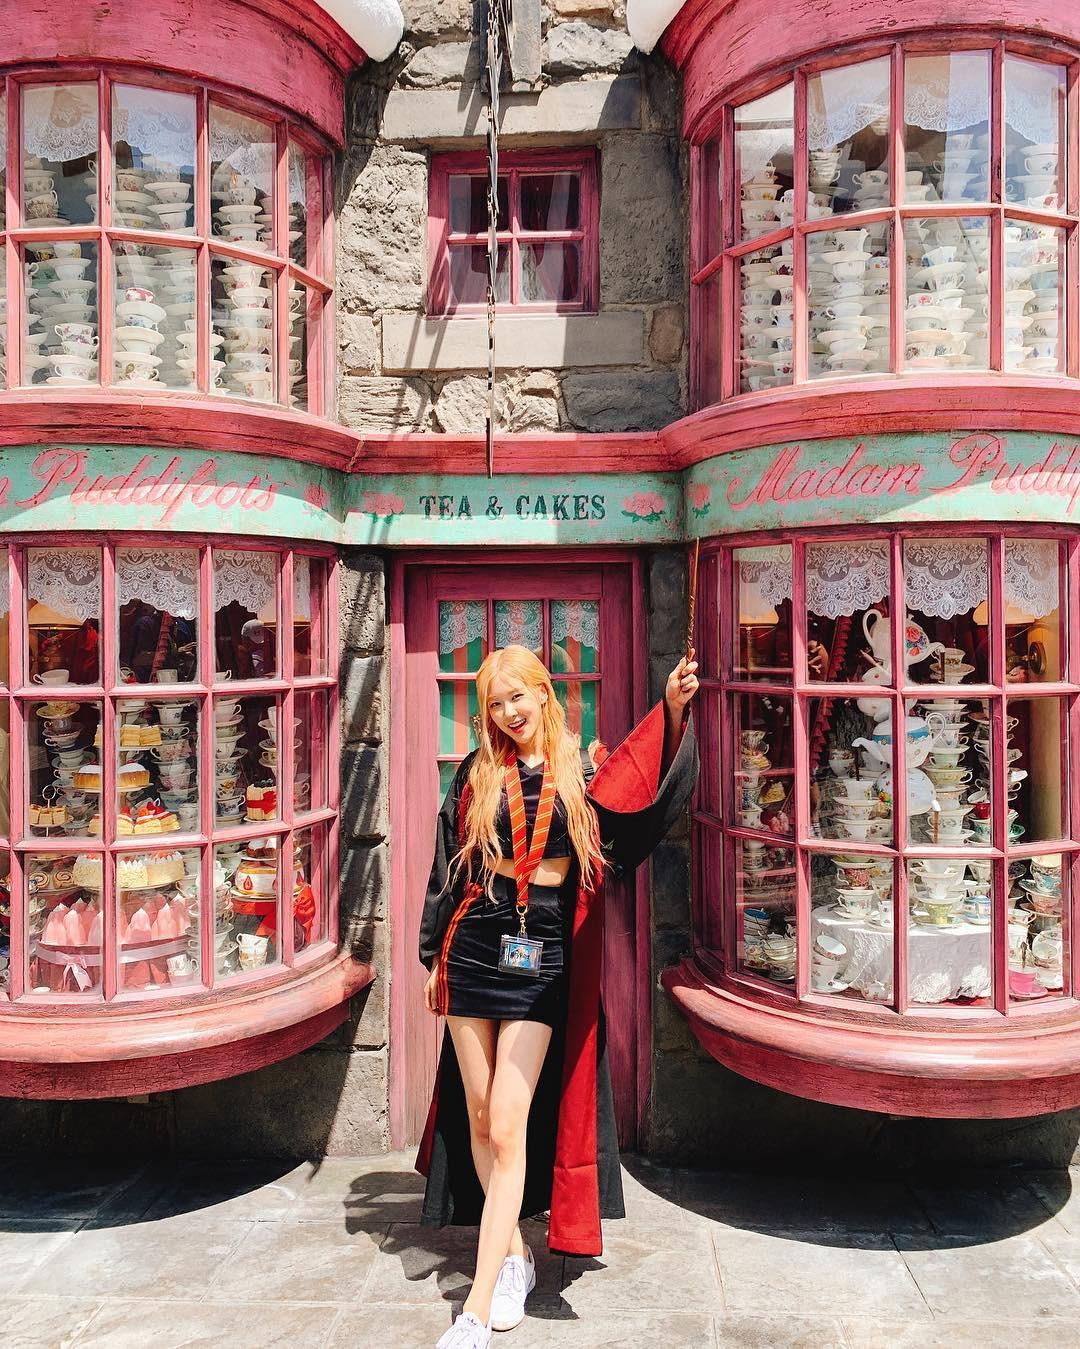 Đúng là gái xinh thì mặc gì cũng đẹp: Mỹ nhân Black Pink khoác áo choàng Harry Potter thôi mà cũng sexy thế này - Ảnh 2.